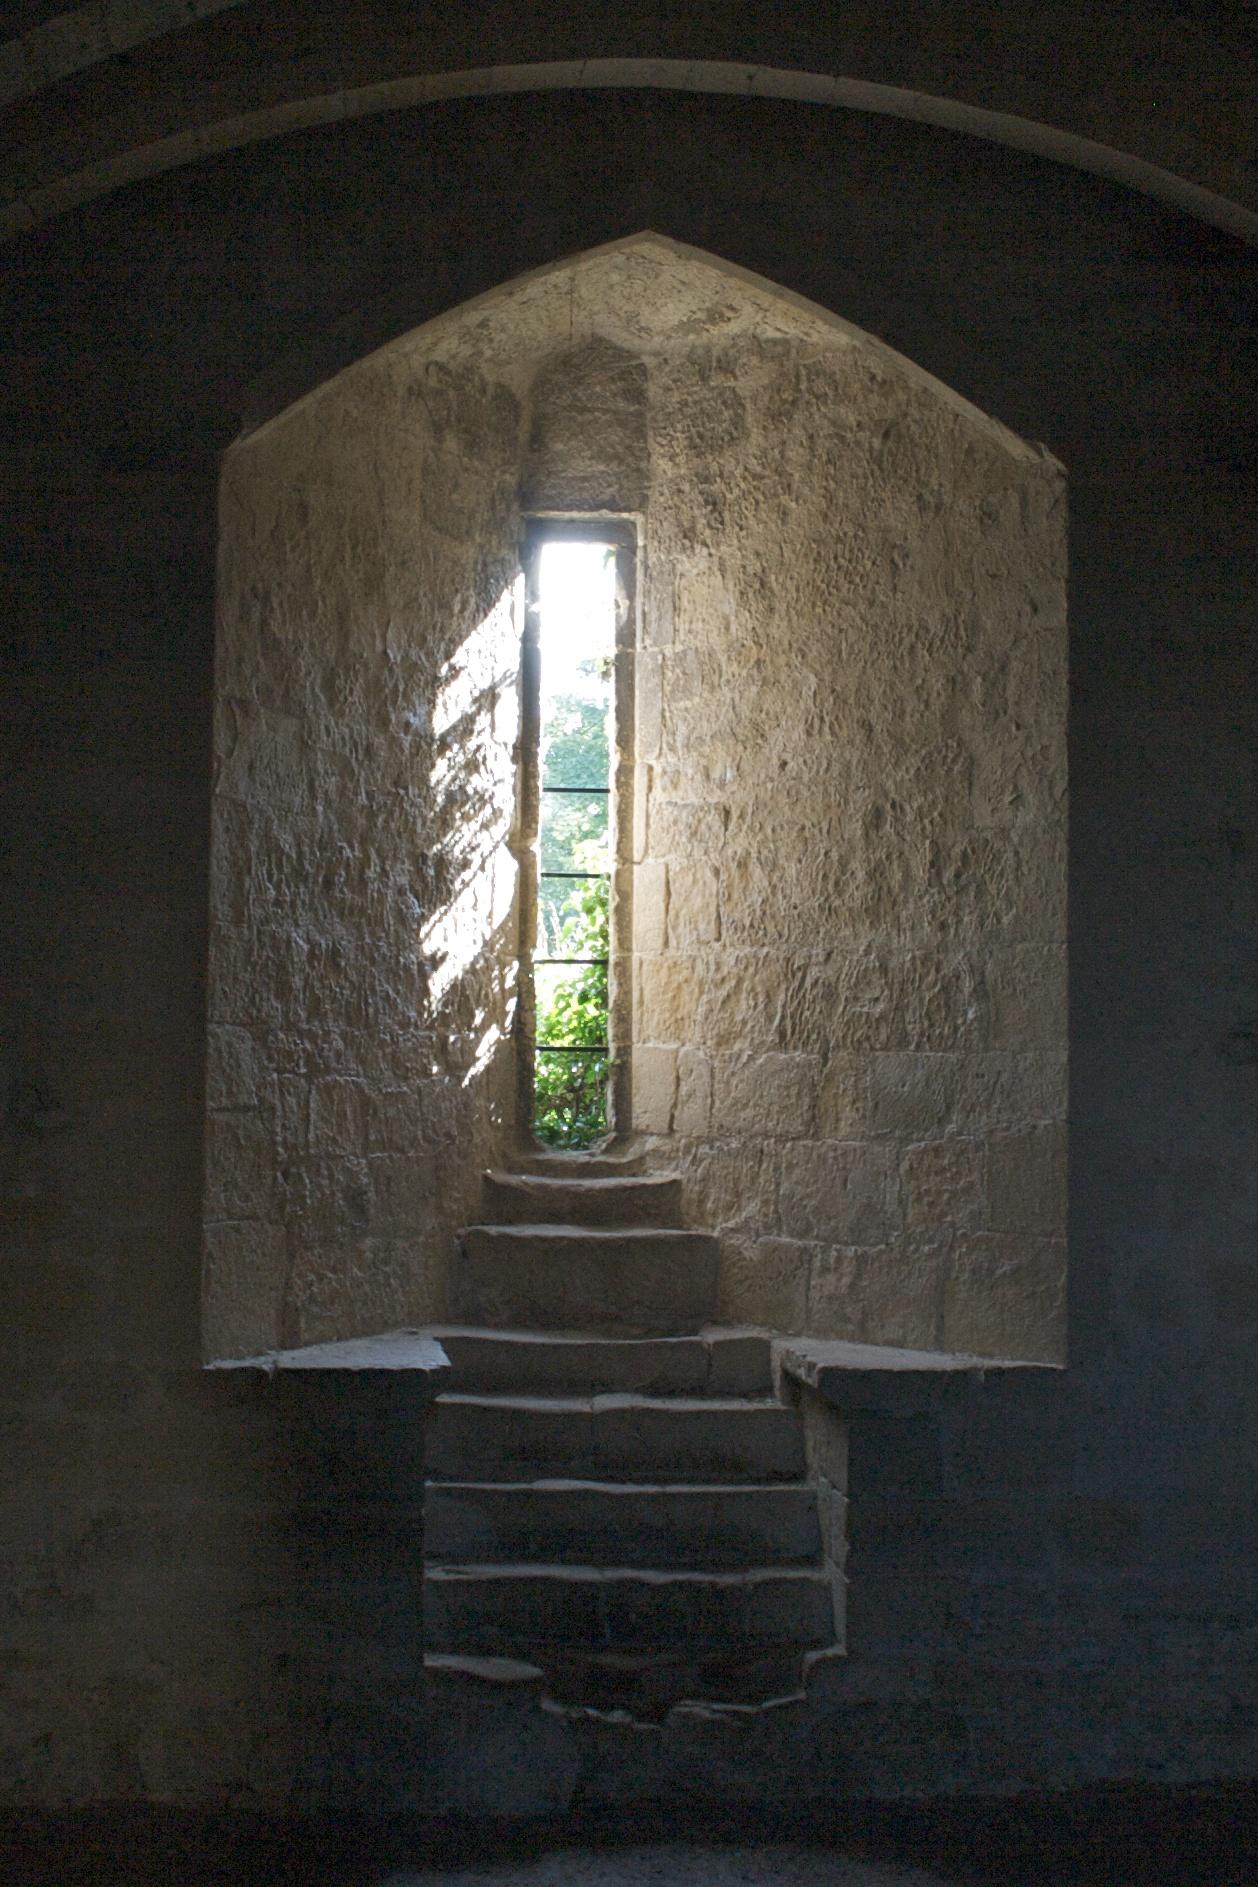 File:Helmsley Castle - window.jpg - Wikimedia Commons